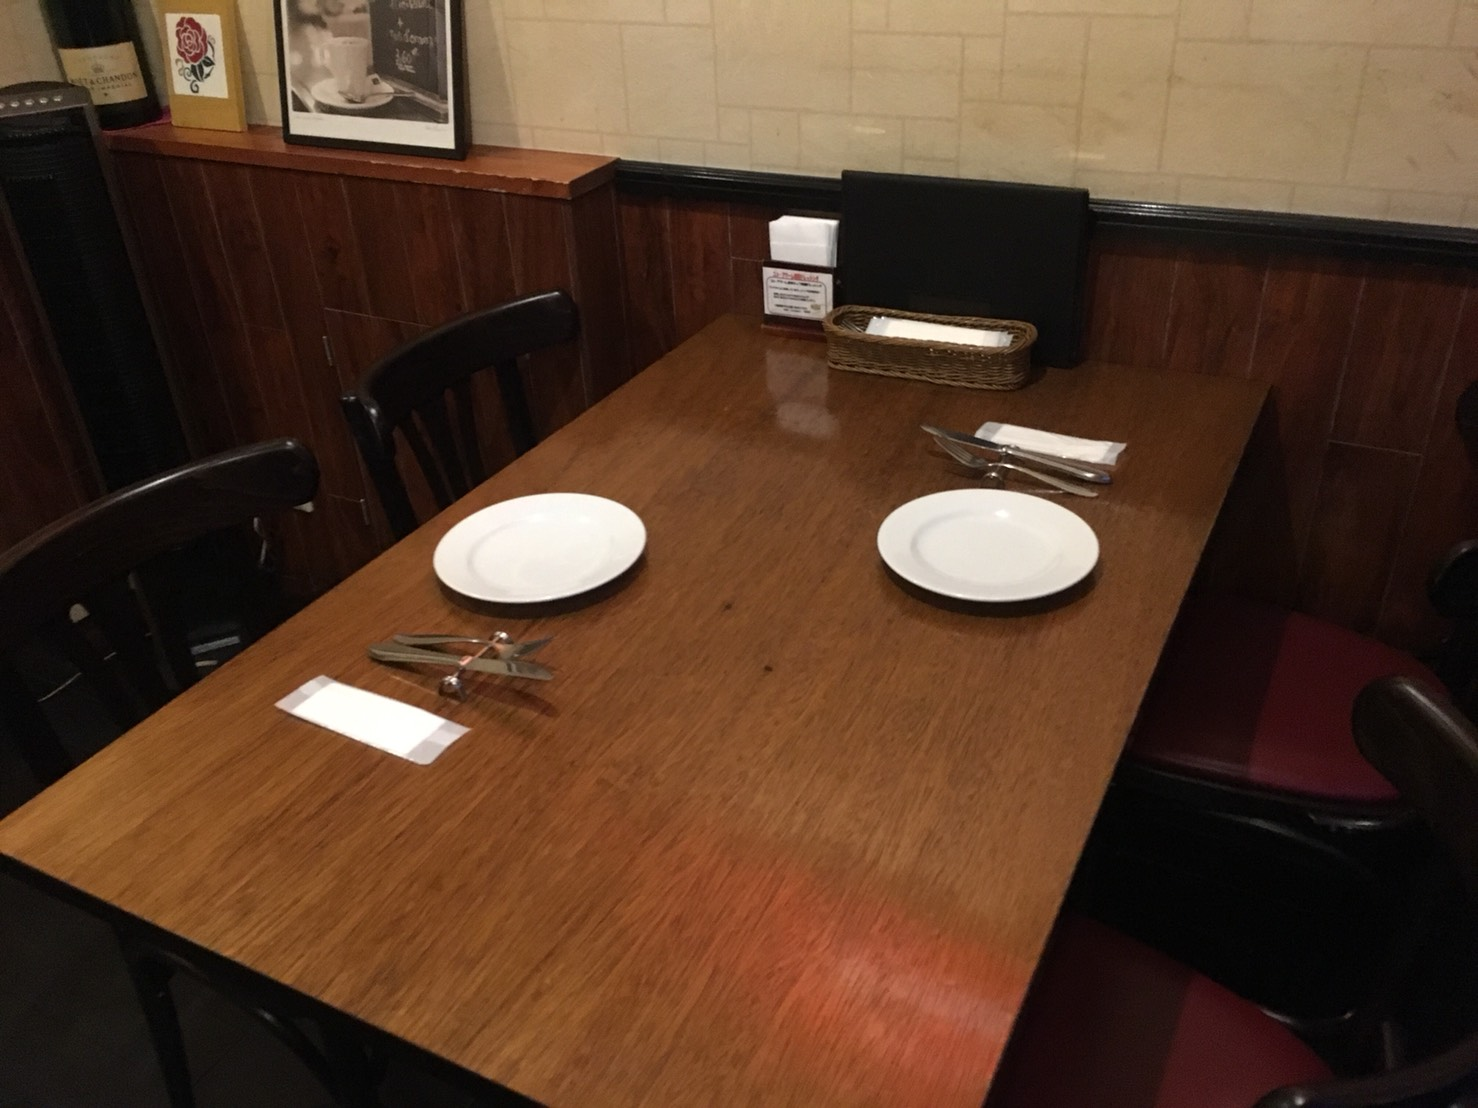 【池袋駅】おっとり系イタリアン「トラットリア・コン・アマーレ」のテーブル